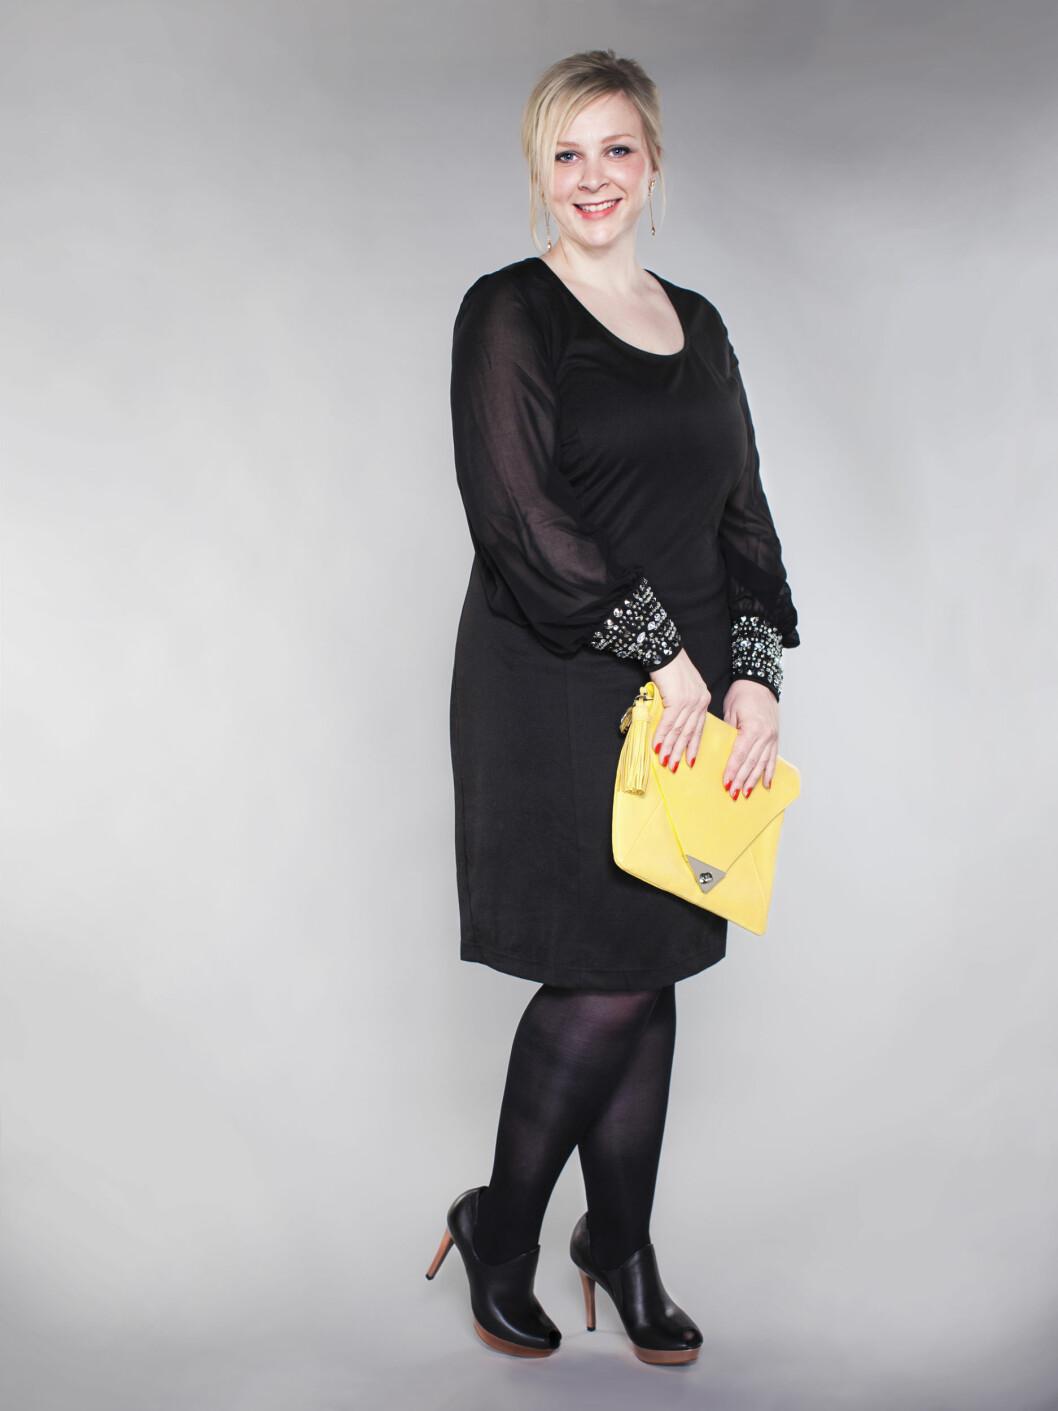 Renate Eik har på seg kjole (kr 700, Zizzi), øredobber (kr 600, Dyrberg/Kern), clutch (kr 2500 V-collection), strømebukser (kr 80, Pierre Robert) og sko (kr 800, Tamaris) Foto: Astrid Waller